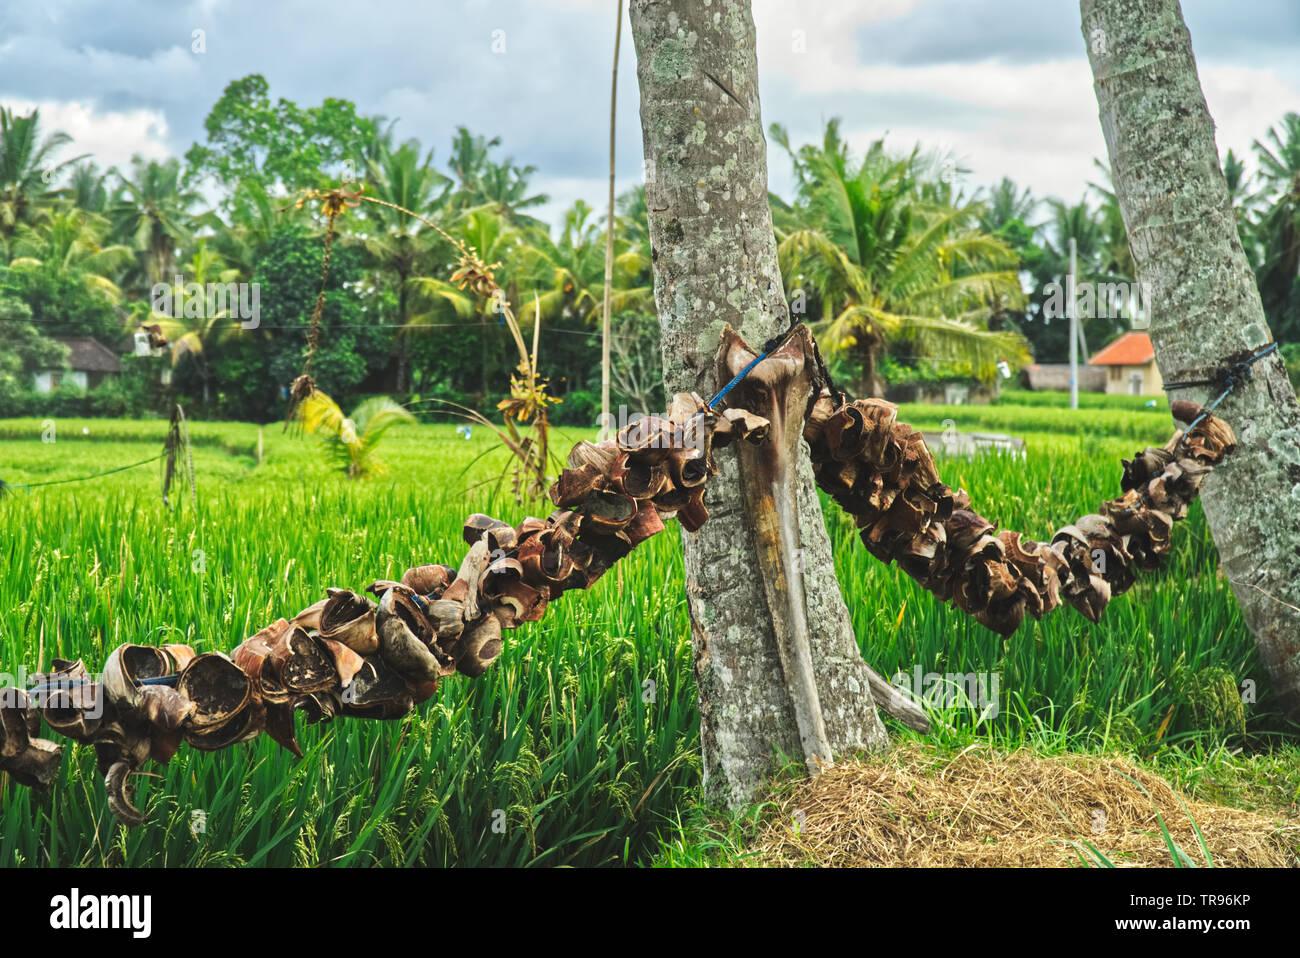 Kokosnuss Schalen trocknen auf eine Linie in der Sonne in der Nähe von Reisfeldern in Indonesien Stockfoto